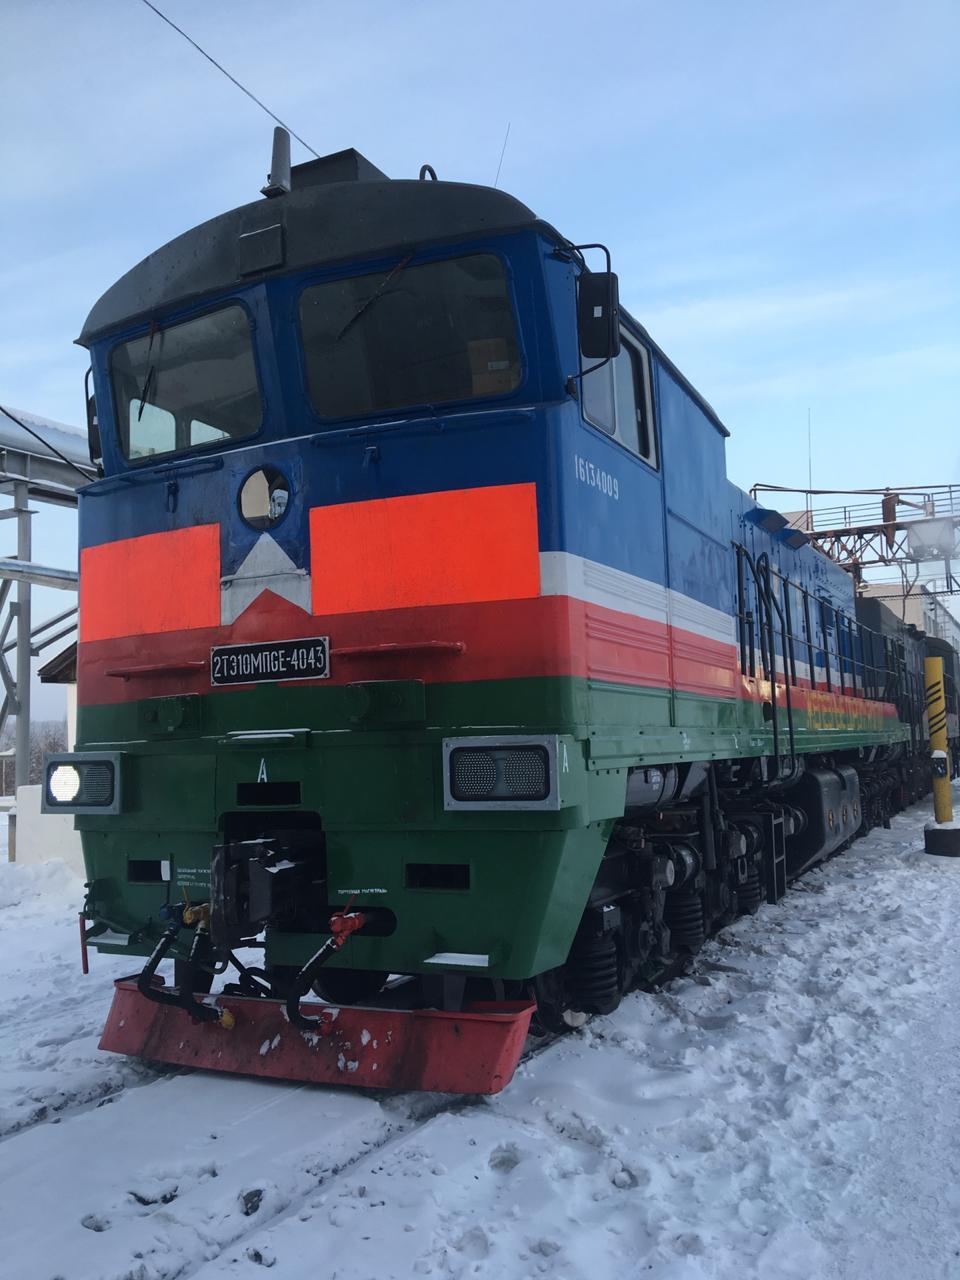 Локомотивный парк ЖДЯ пополнился еще одним модернизированным тепловозом